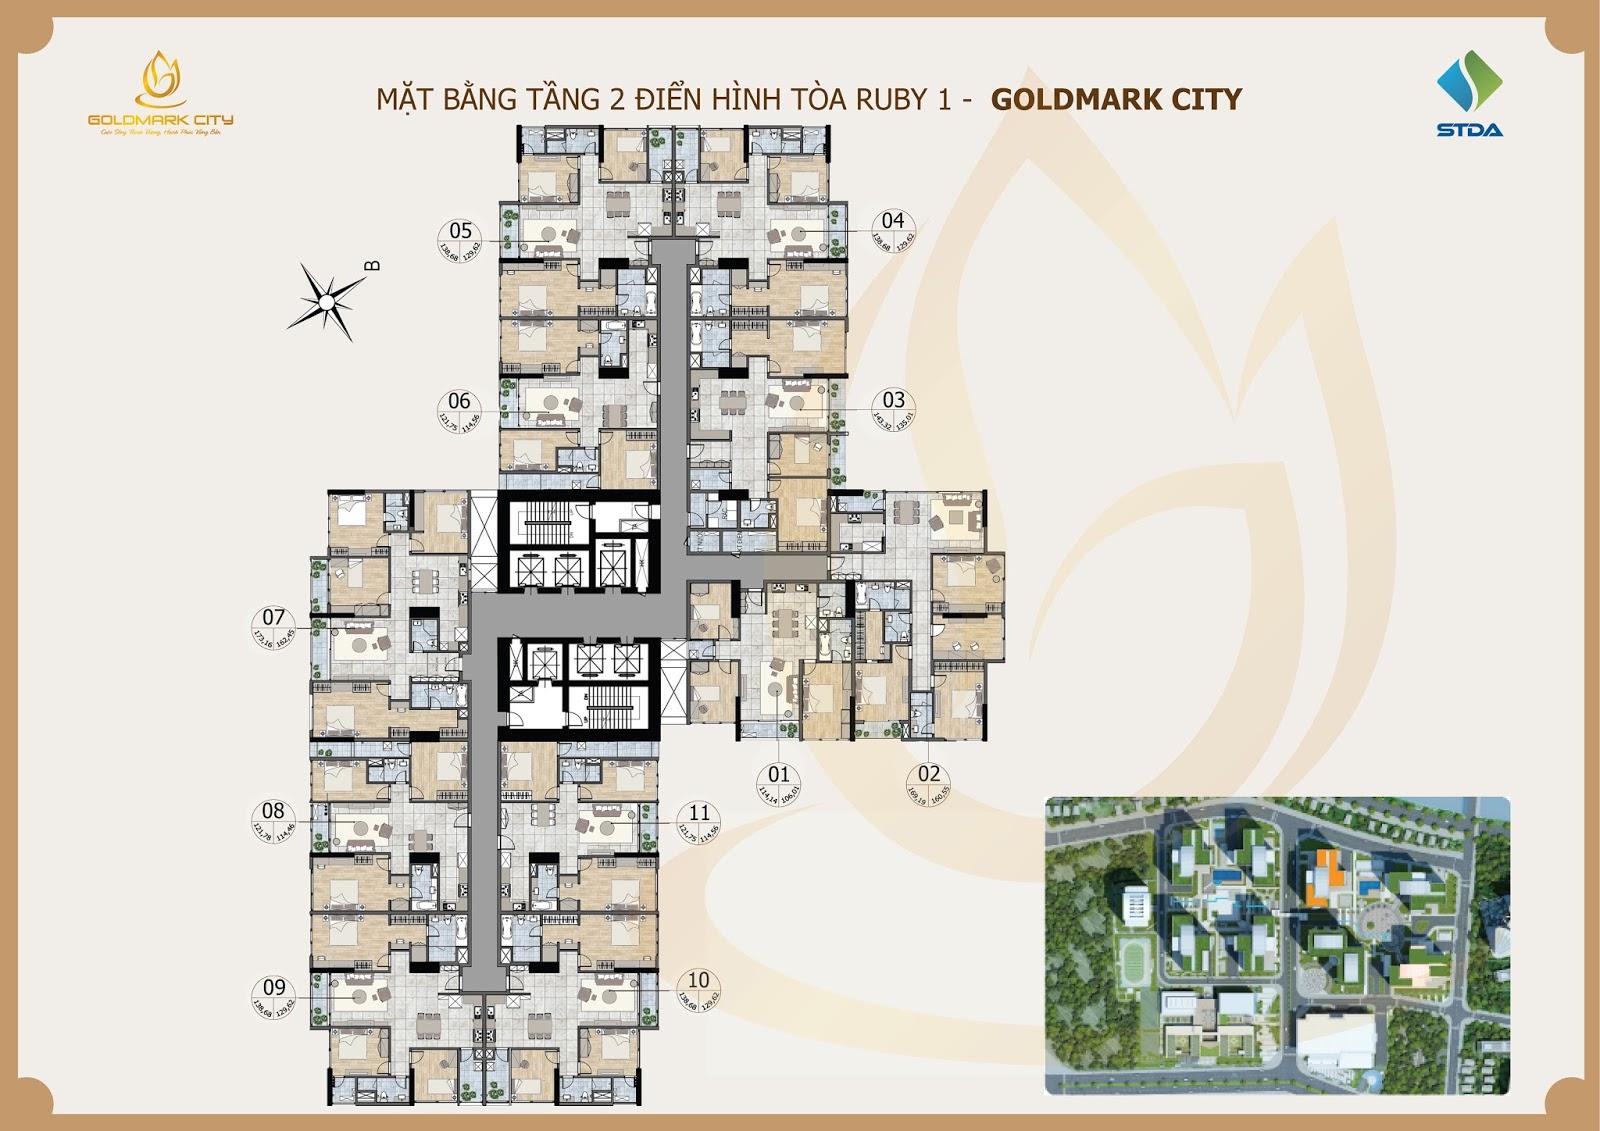 Mặt Bằng 3D Chung Cư Goldmark City Ruby 1